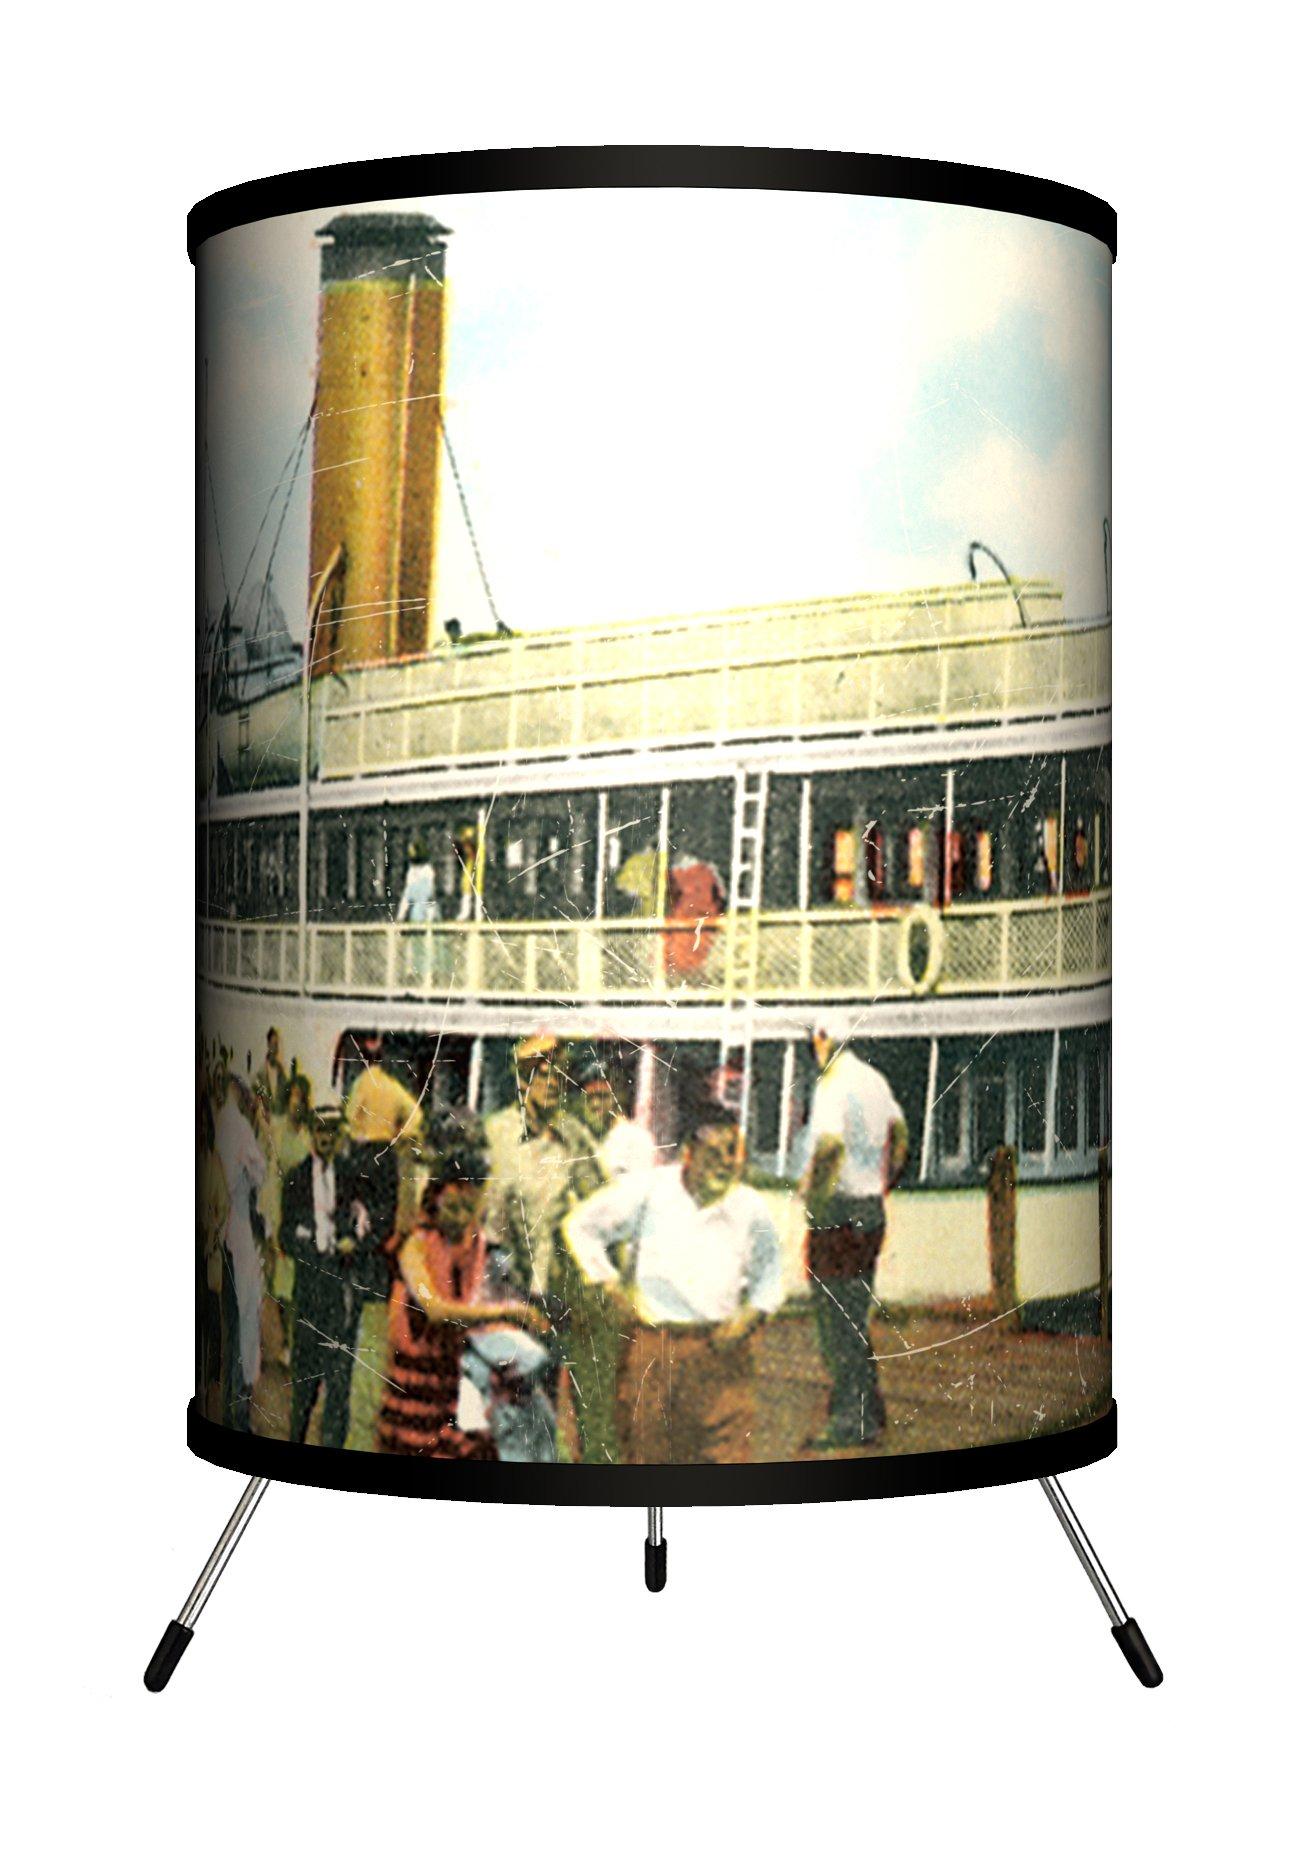 Lamp-In-A-Box TRI-TRV-NEWBI Travel New Harbor, Block Island Postcard Tripod Lamp, 8'' x 8'' x 14''